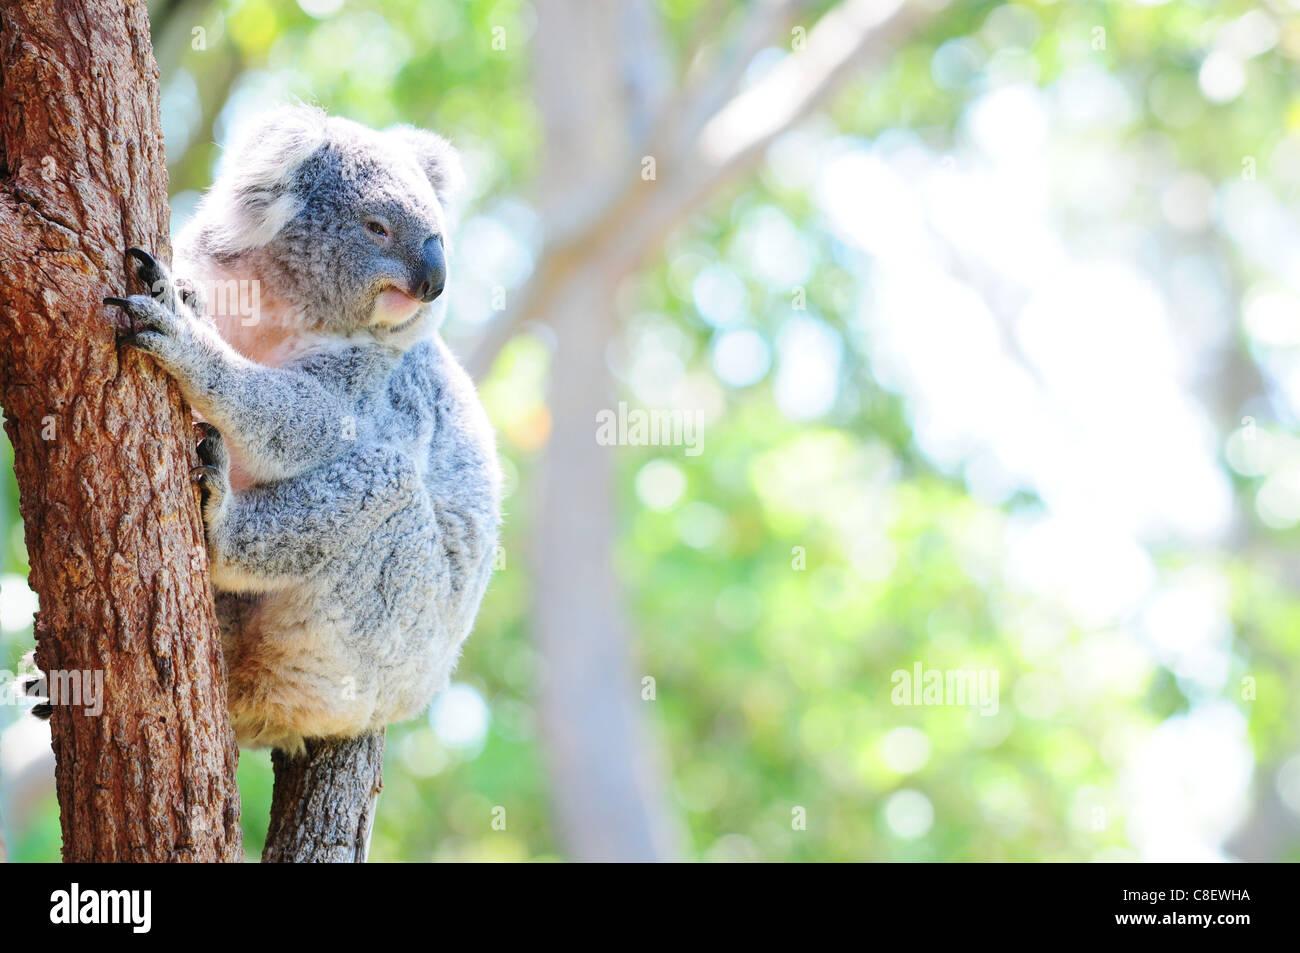 Cute Australian koala in its natural habitat - Stock Image